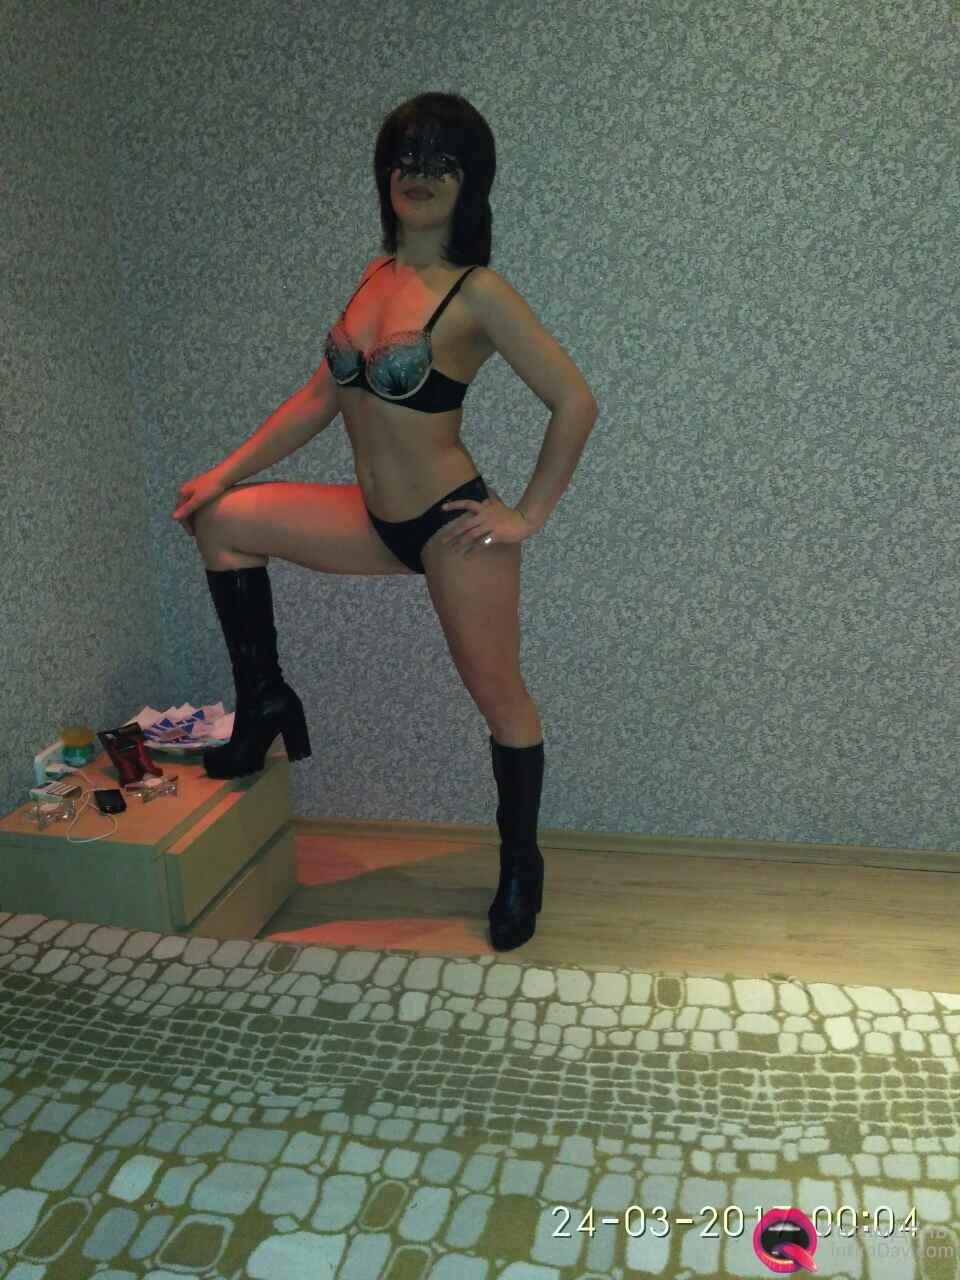 Проститутка Эля, размер груди 2, Одесская область, Одесса